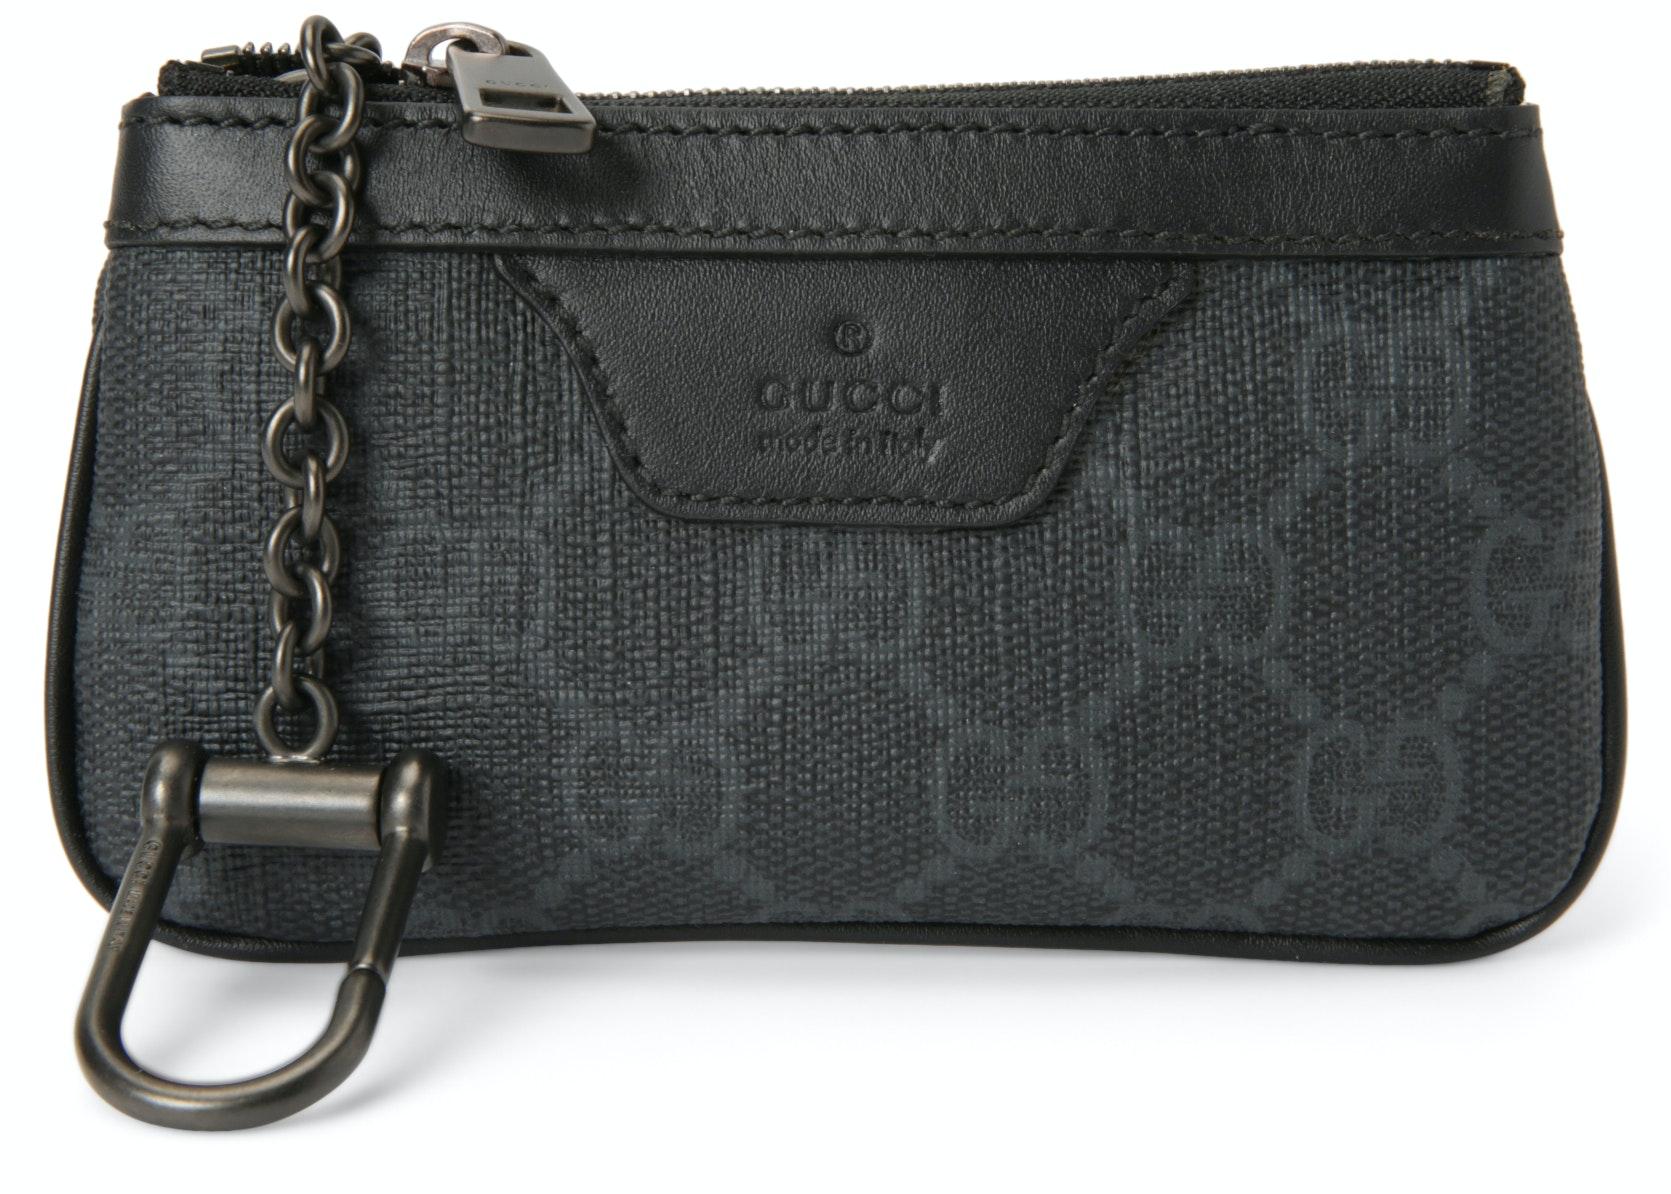 Gucci Key Pouch GG Supreme Grey/Black